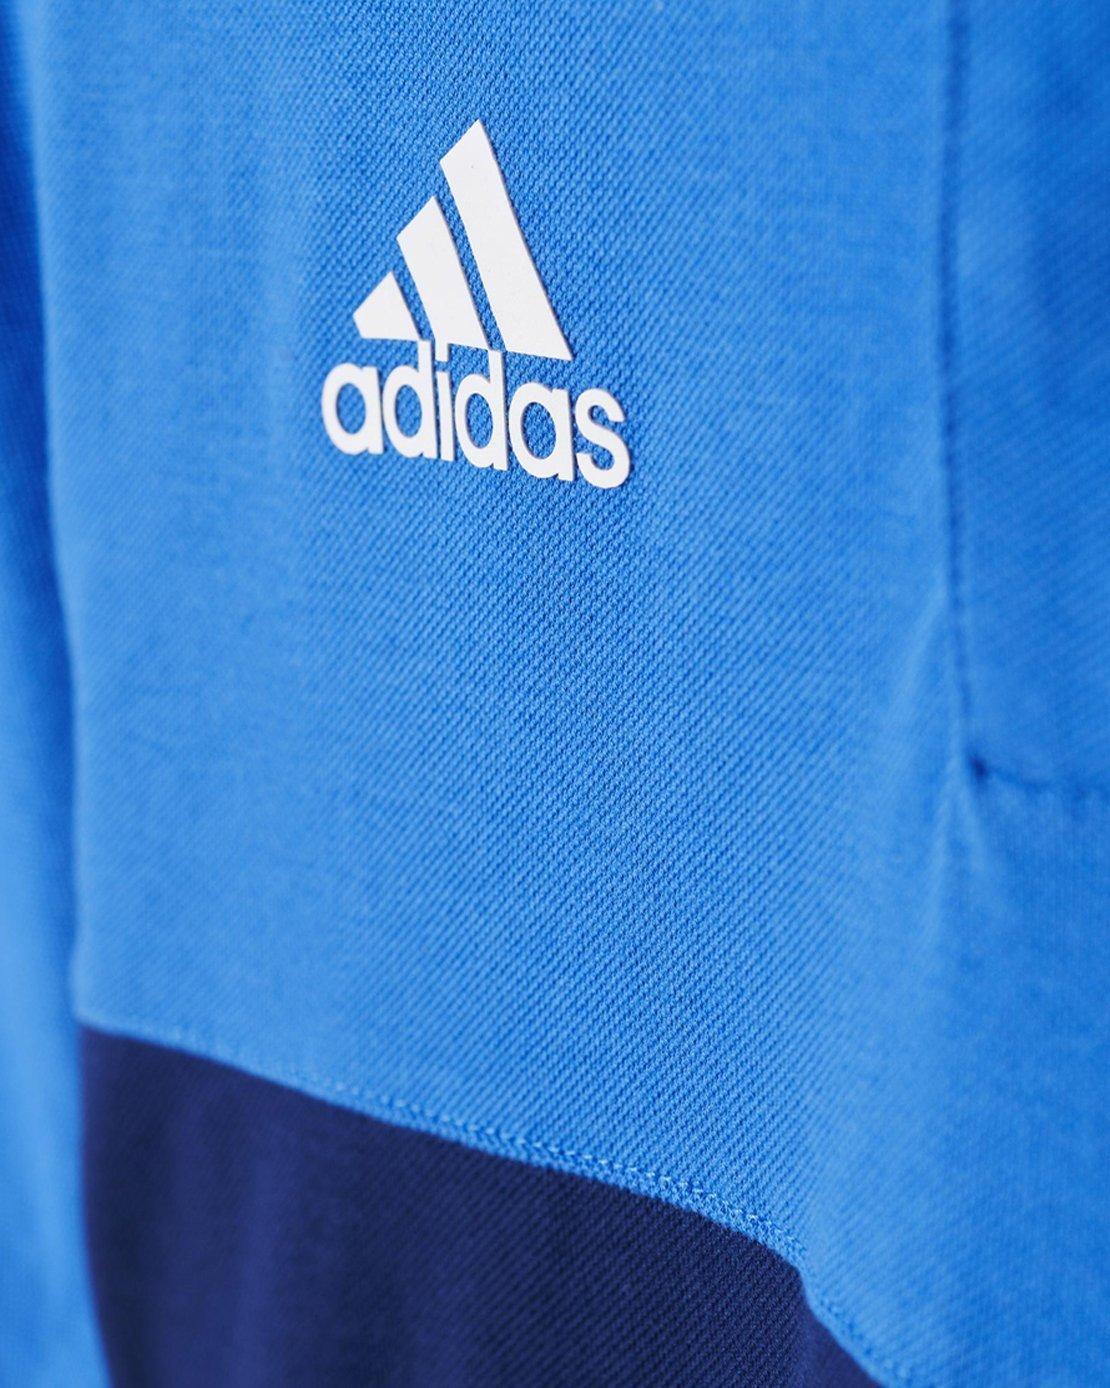 adidas France - Polo para Hombre, XXXL, dkblue/Blue: Amazon.es ...